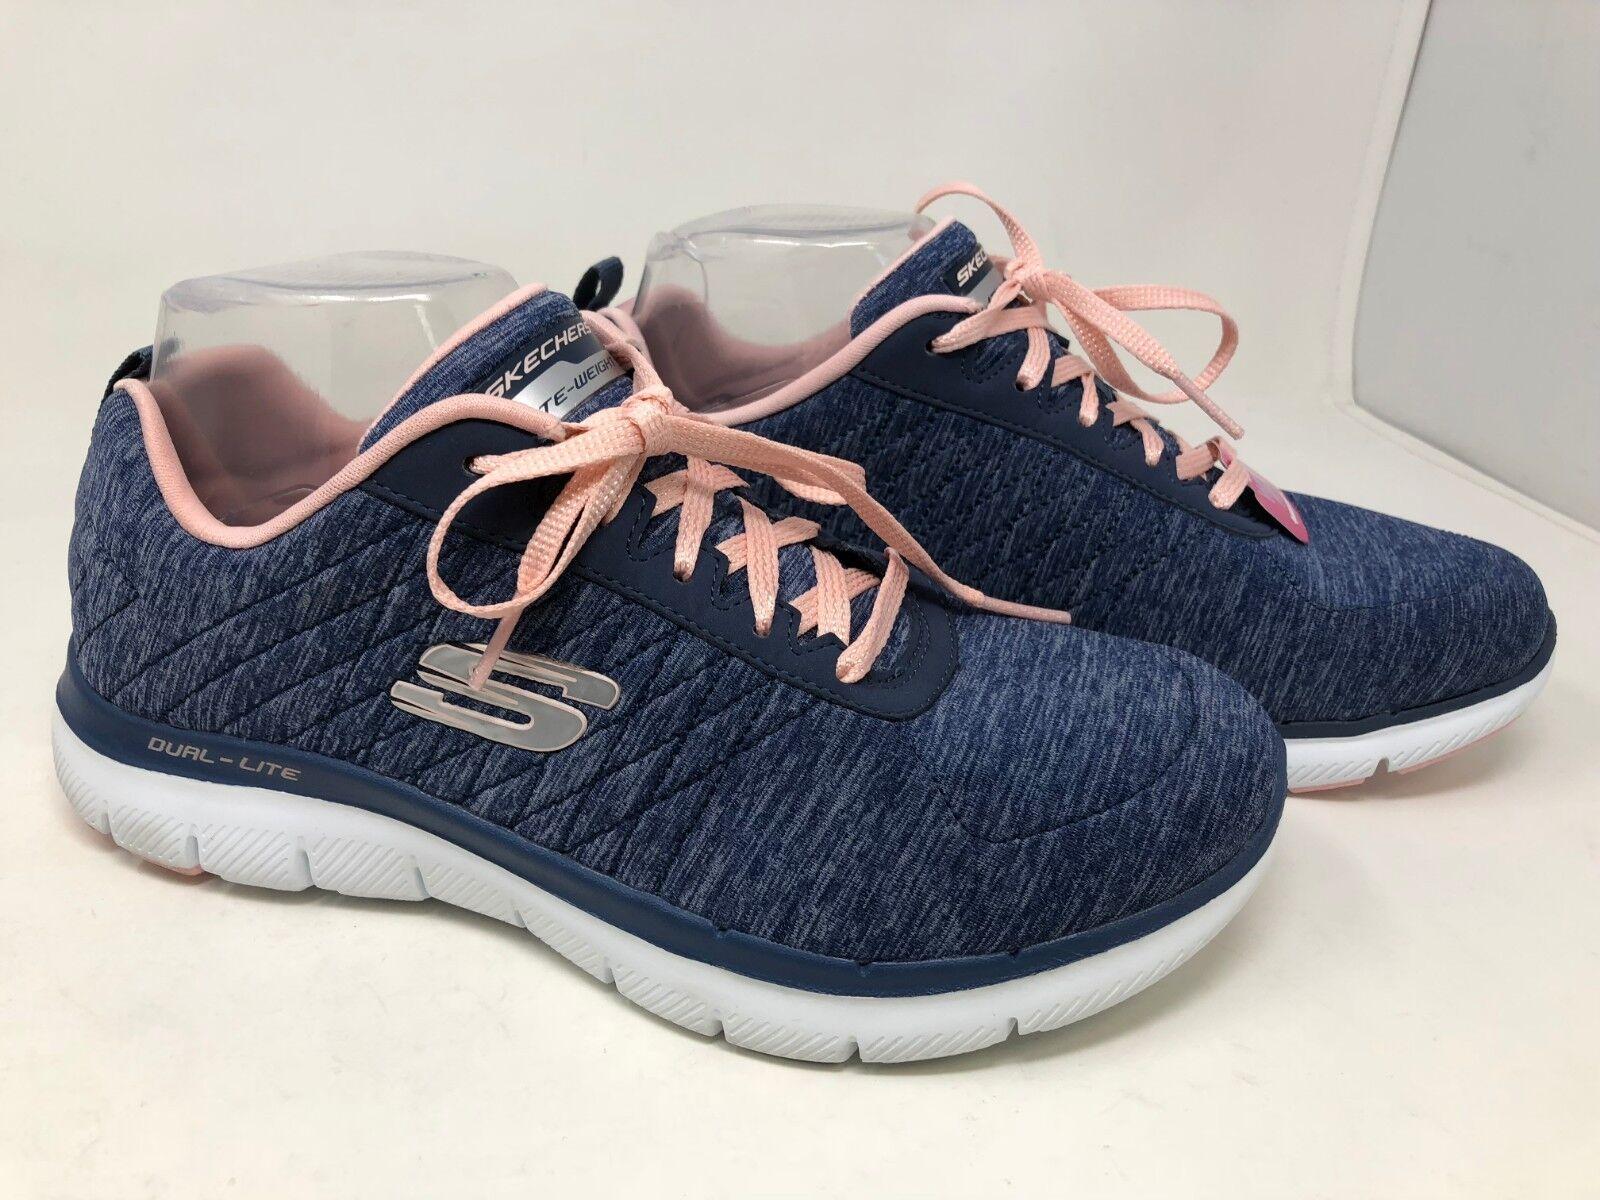 Nuevo  Mujer Skechers Flex Appeal 2.0 12753 Talla Talla Talla 7 Azul Marino rosado Luz 62S  edición limitada en caliente